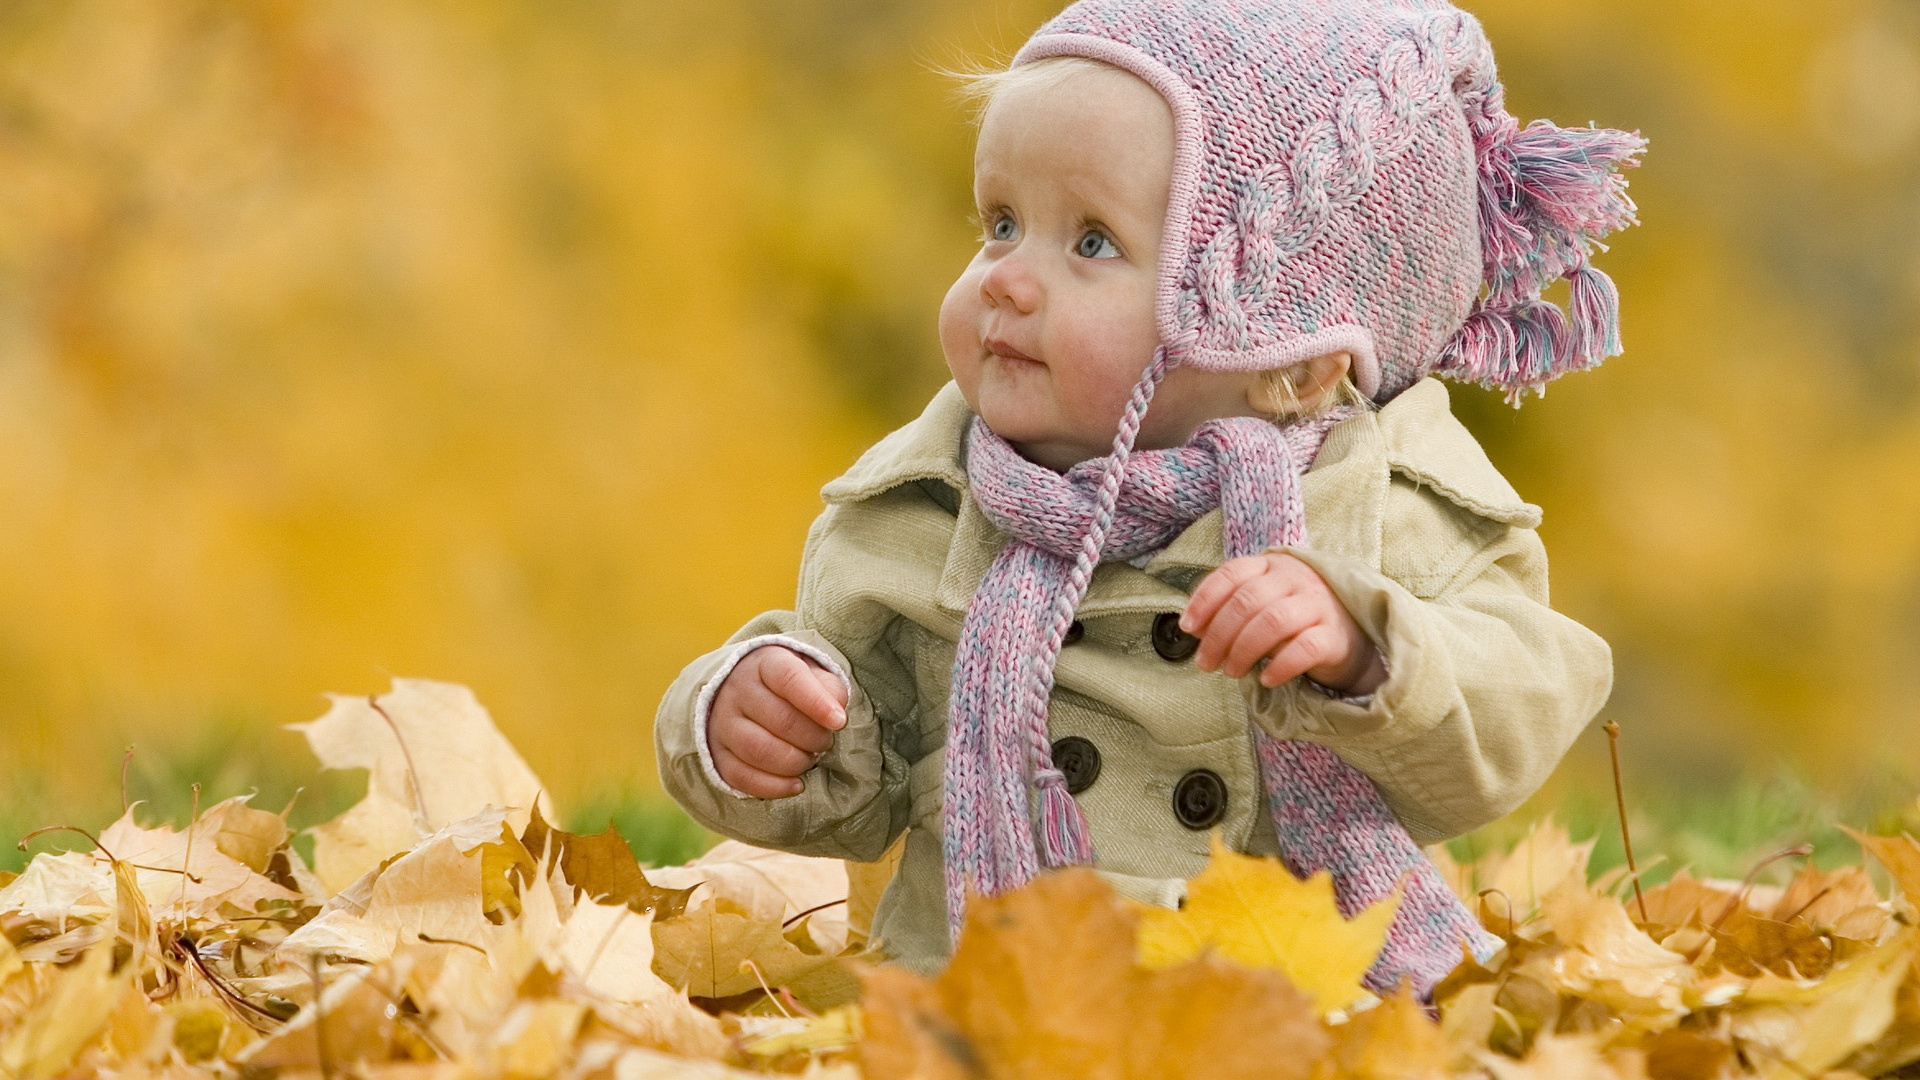 Cute baby fall Wallpaper Widescreen Wallpapers 2014 Desktop 1920x1080